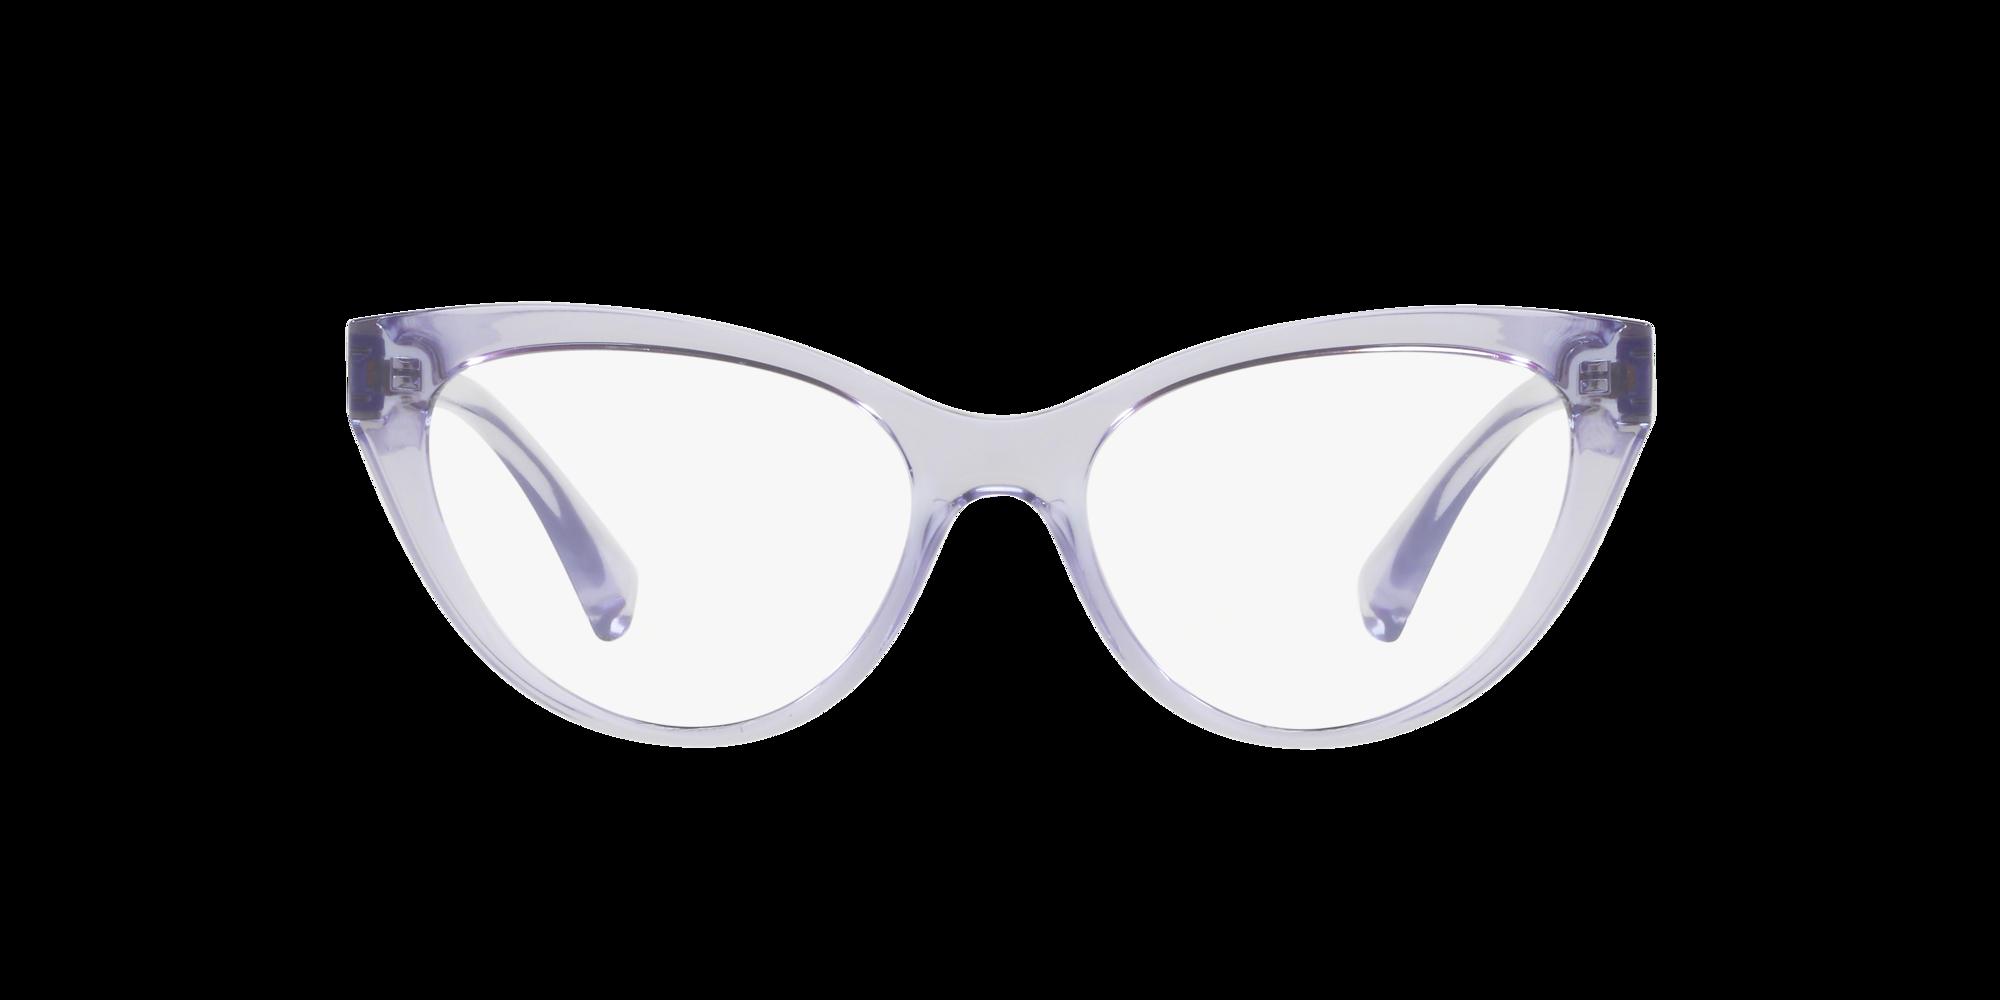 Imagen para RA7106 de LensCrafters    Espejuelos, espejuelos graduados en línea, gafas